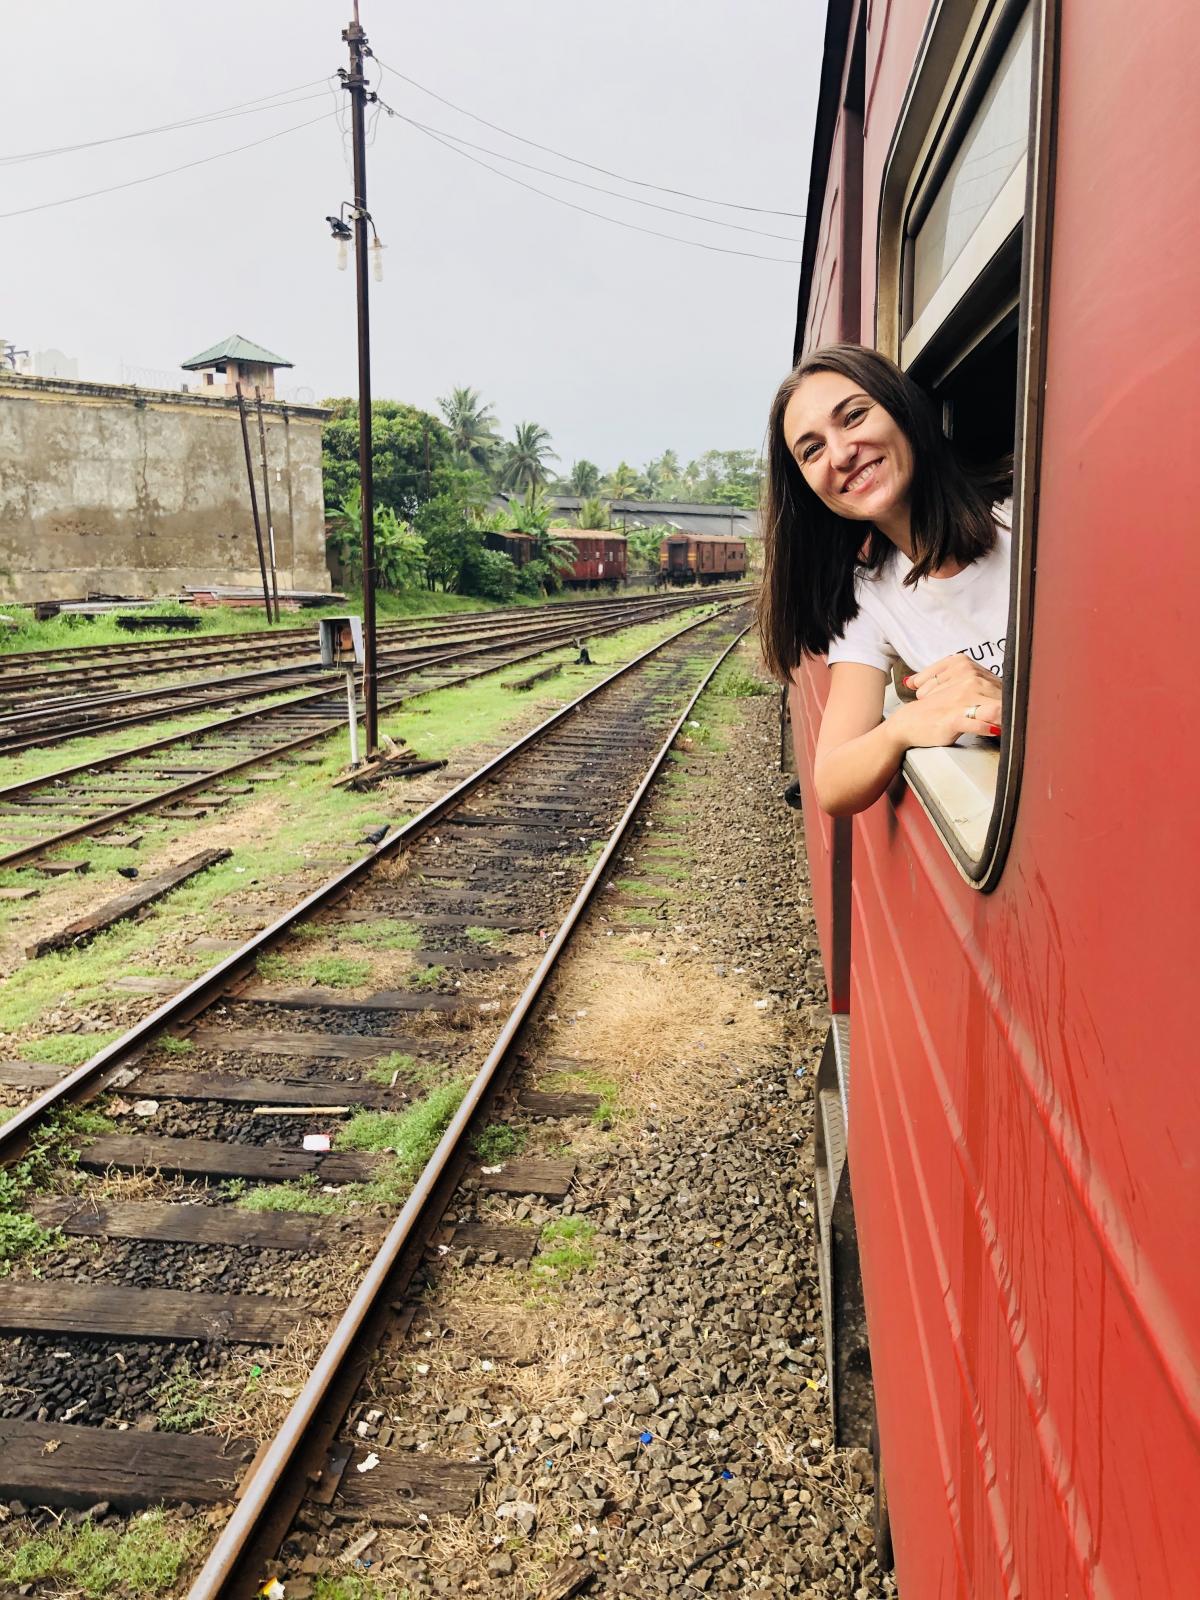 Выглядывать из поезда нужно осторожно / Фото Вероника Кордон